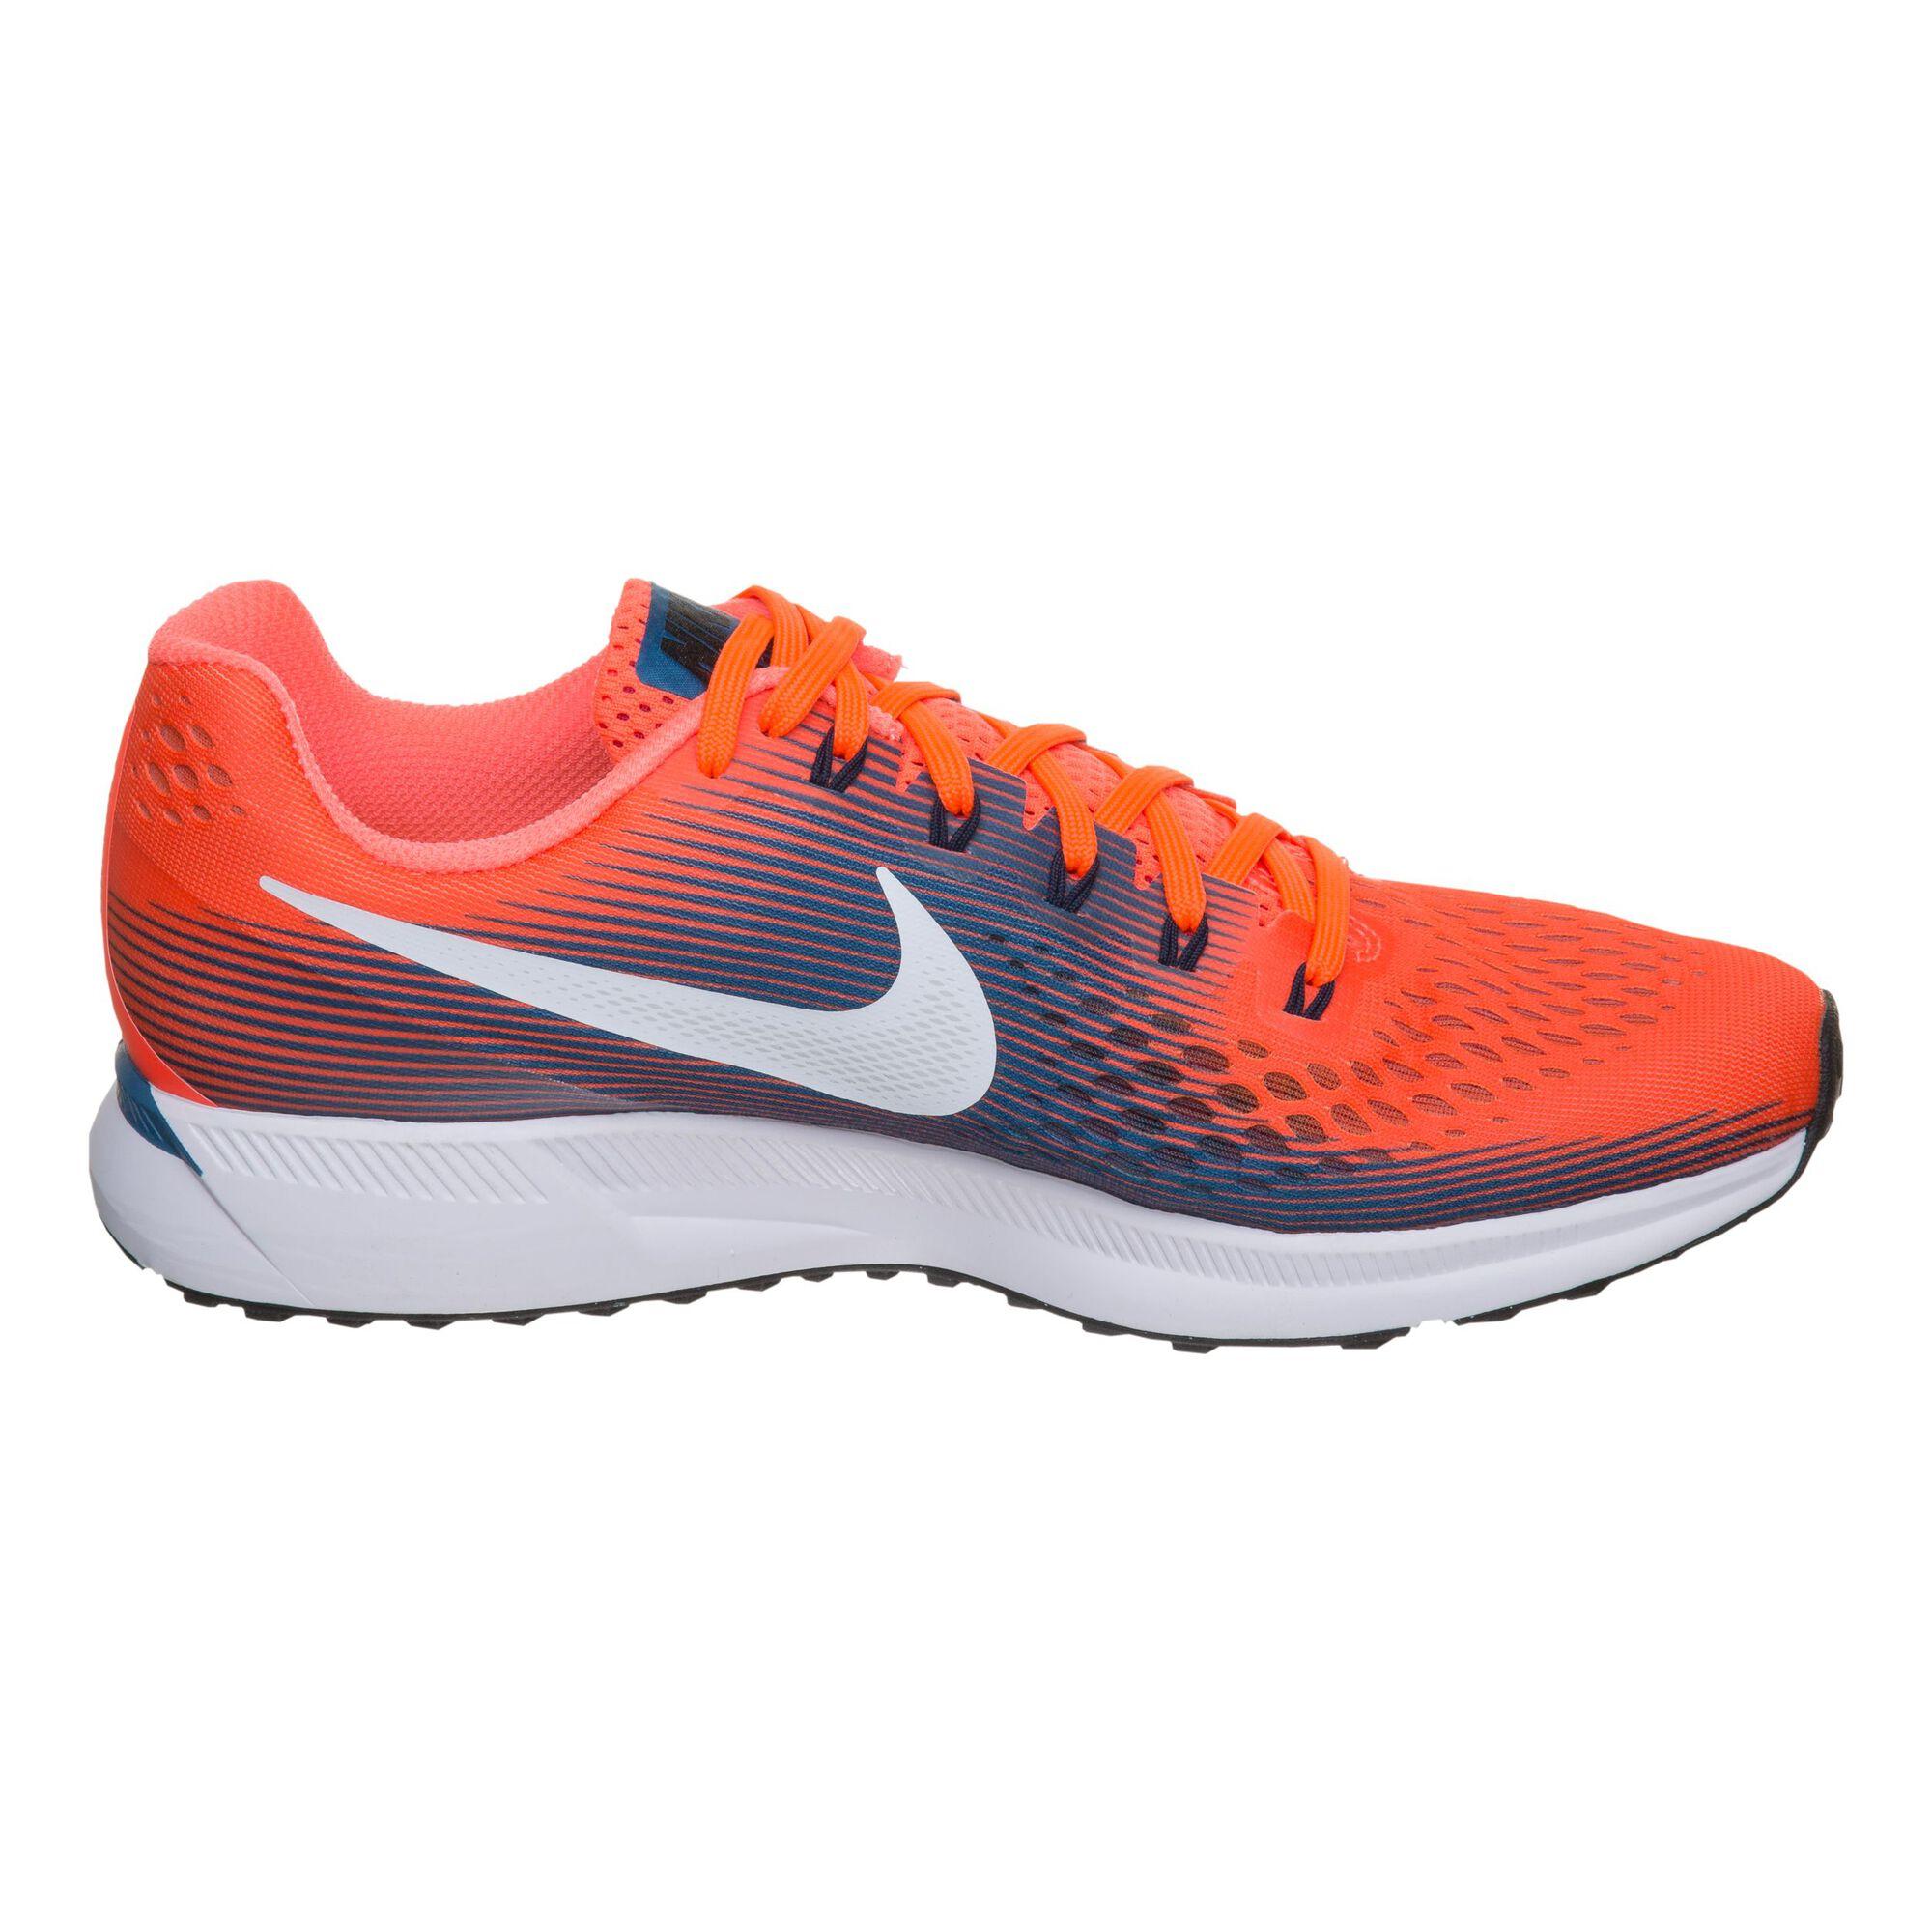 317962c46dff Nike  Nike  Nike  Nike  Nike  Nike  Nike  Nike  Nike  Nike. Air Zoom  Pegasus 34 ...